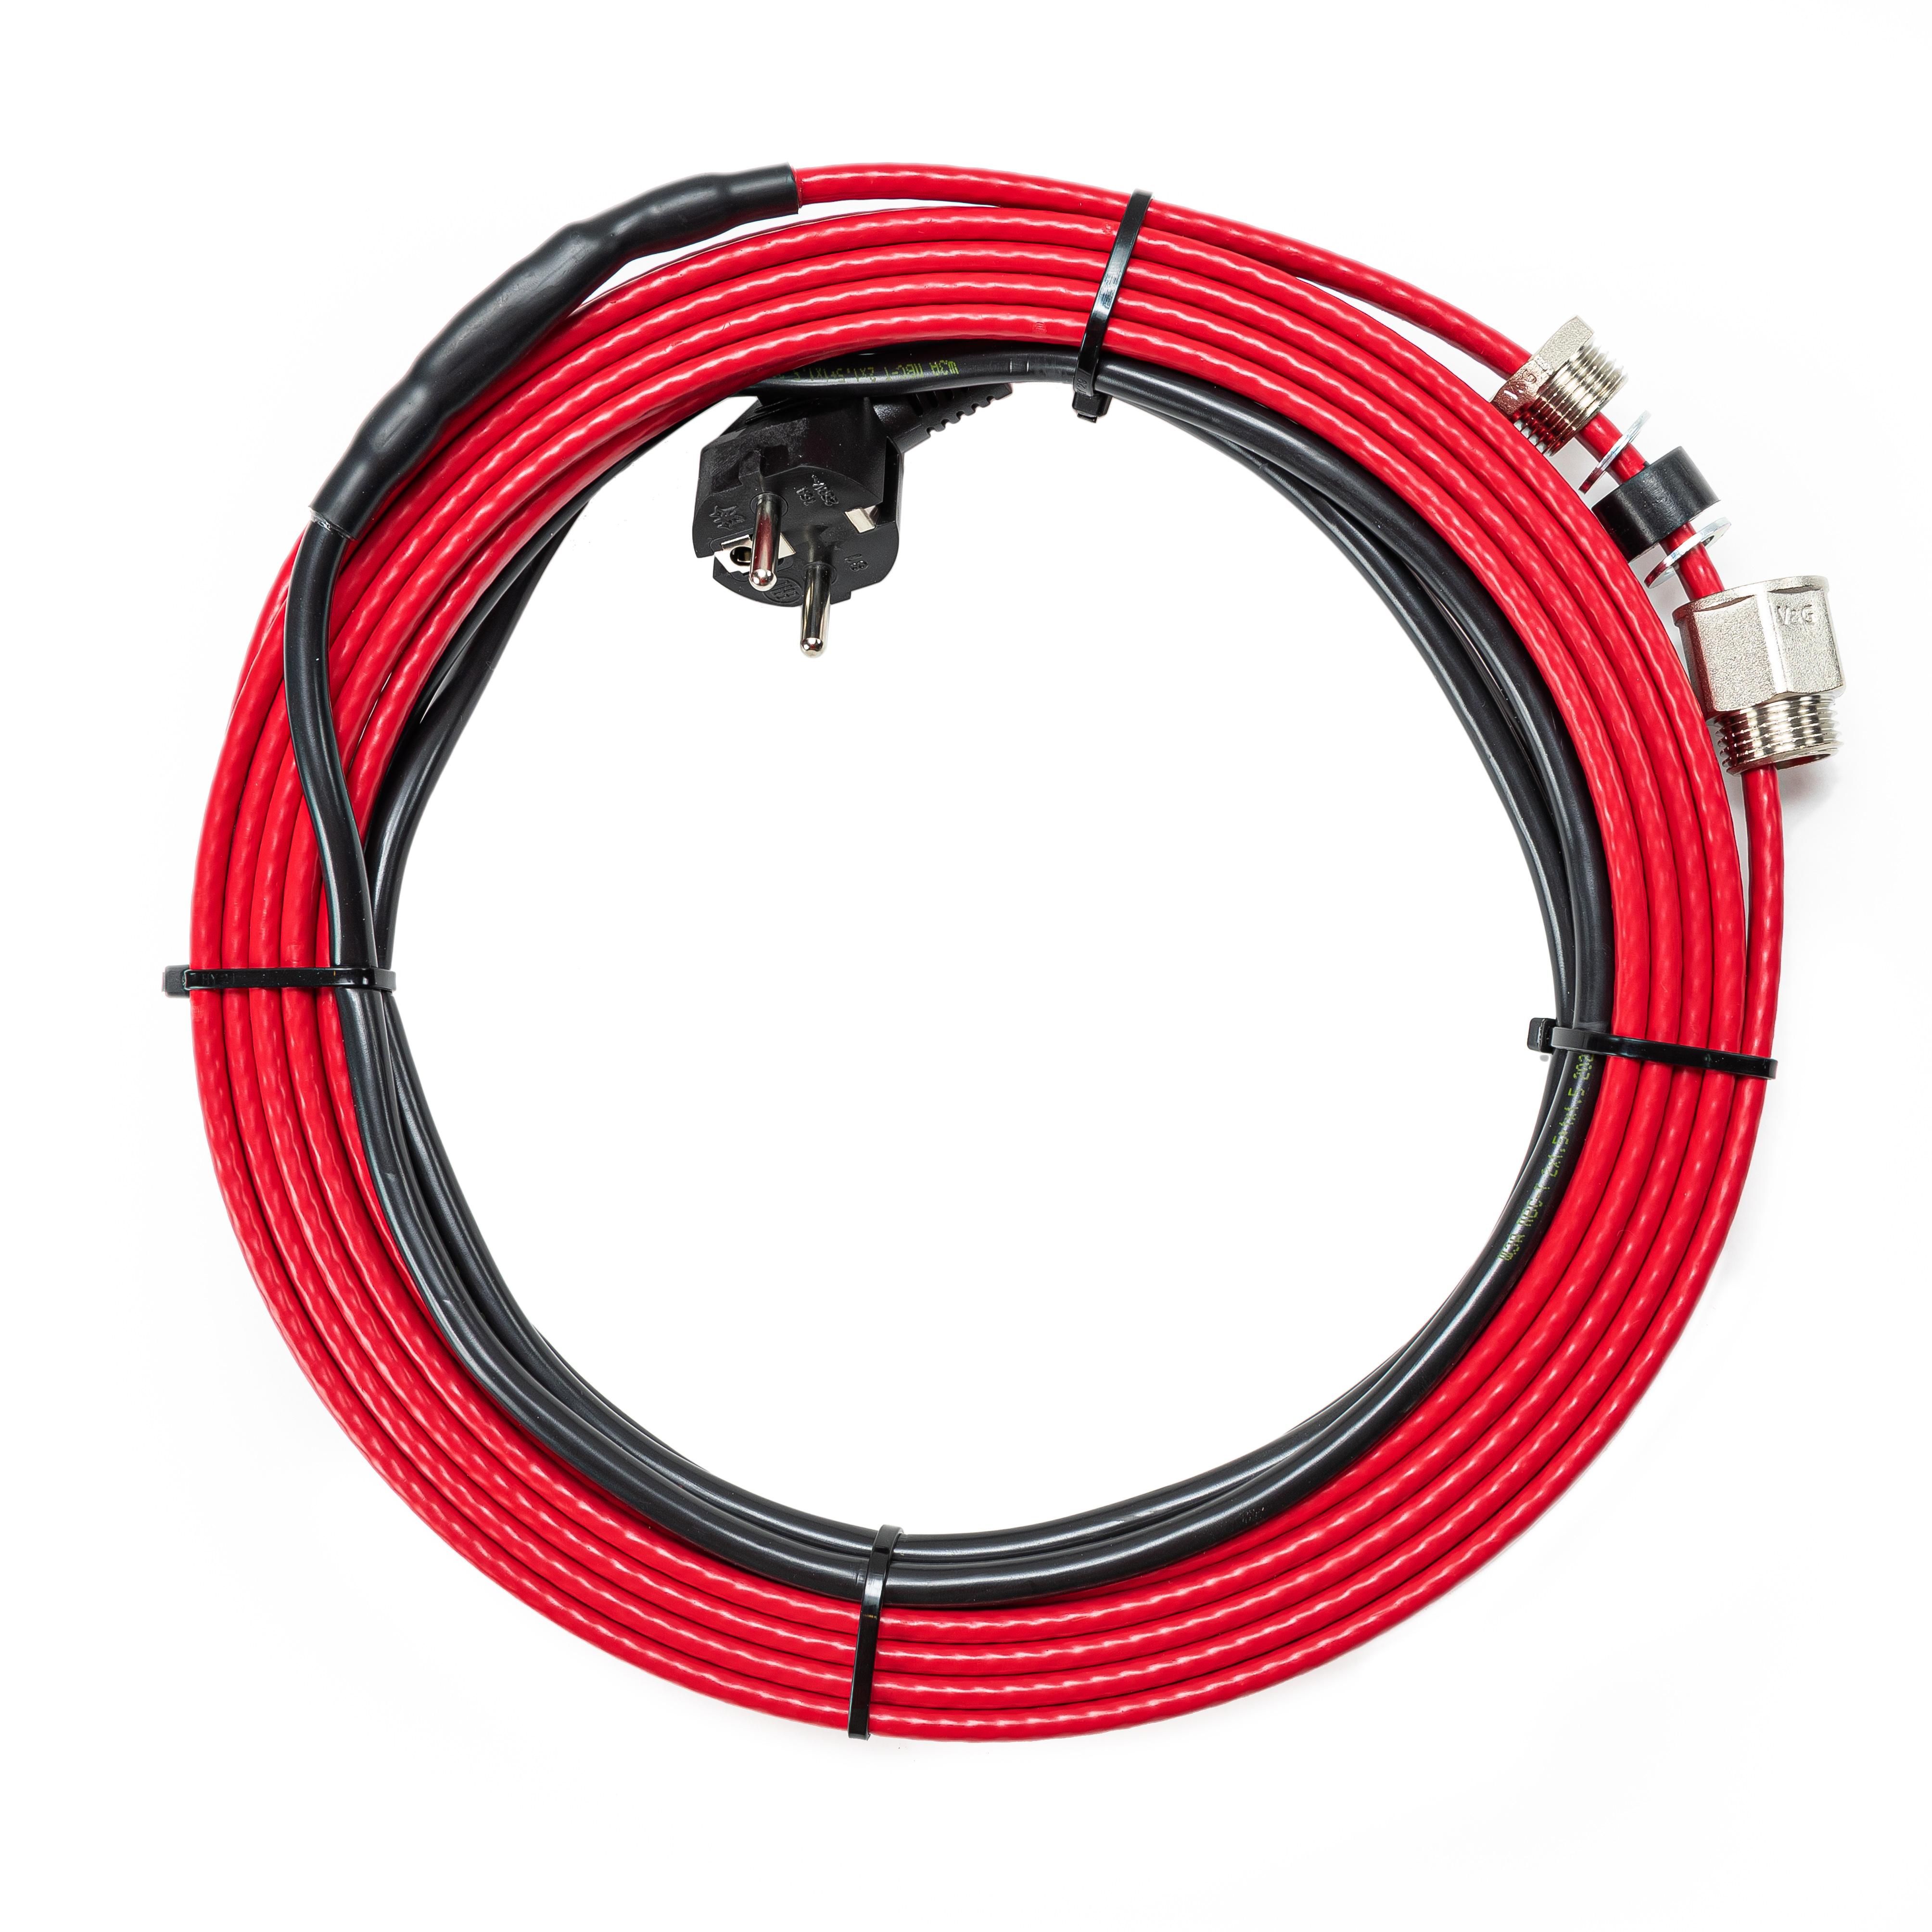 Греющий кабель саморегулирующийся в трубу 16 Вт/м, 240 Вт, готовый комплект, 15 метров